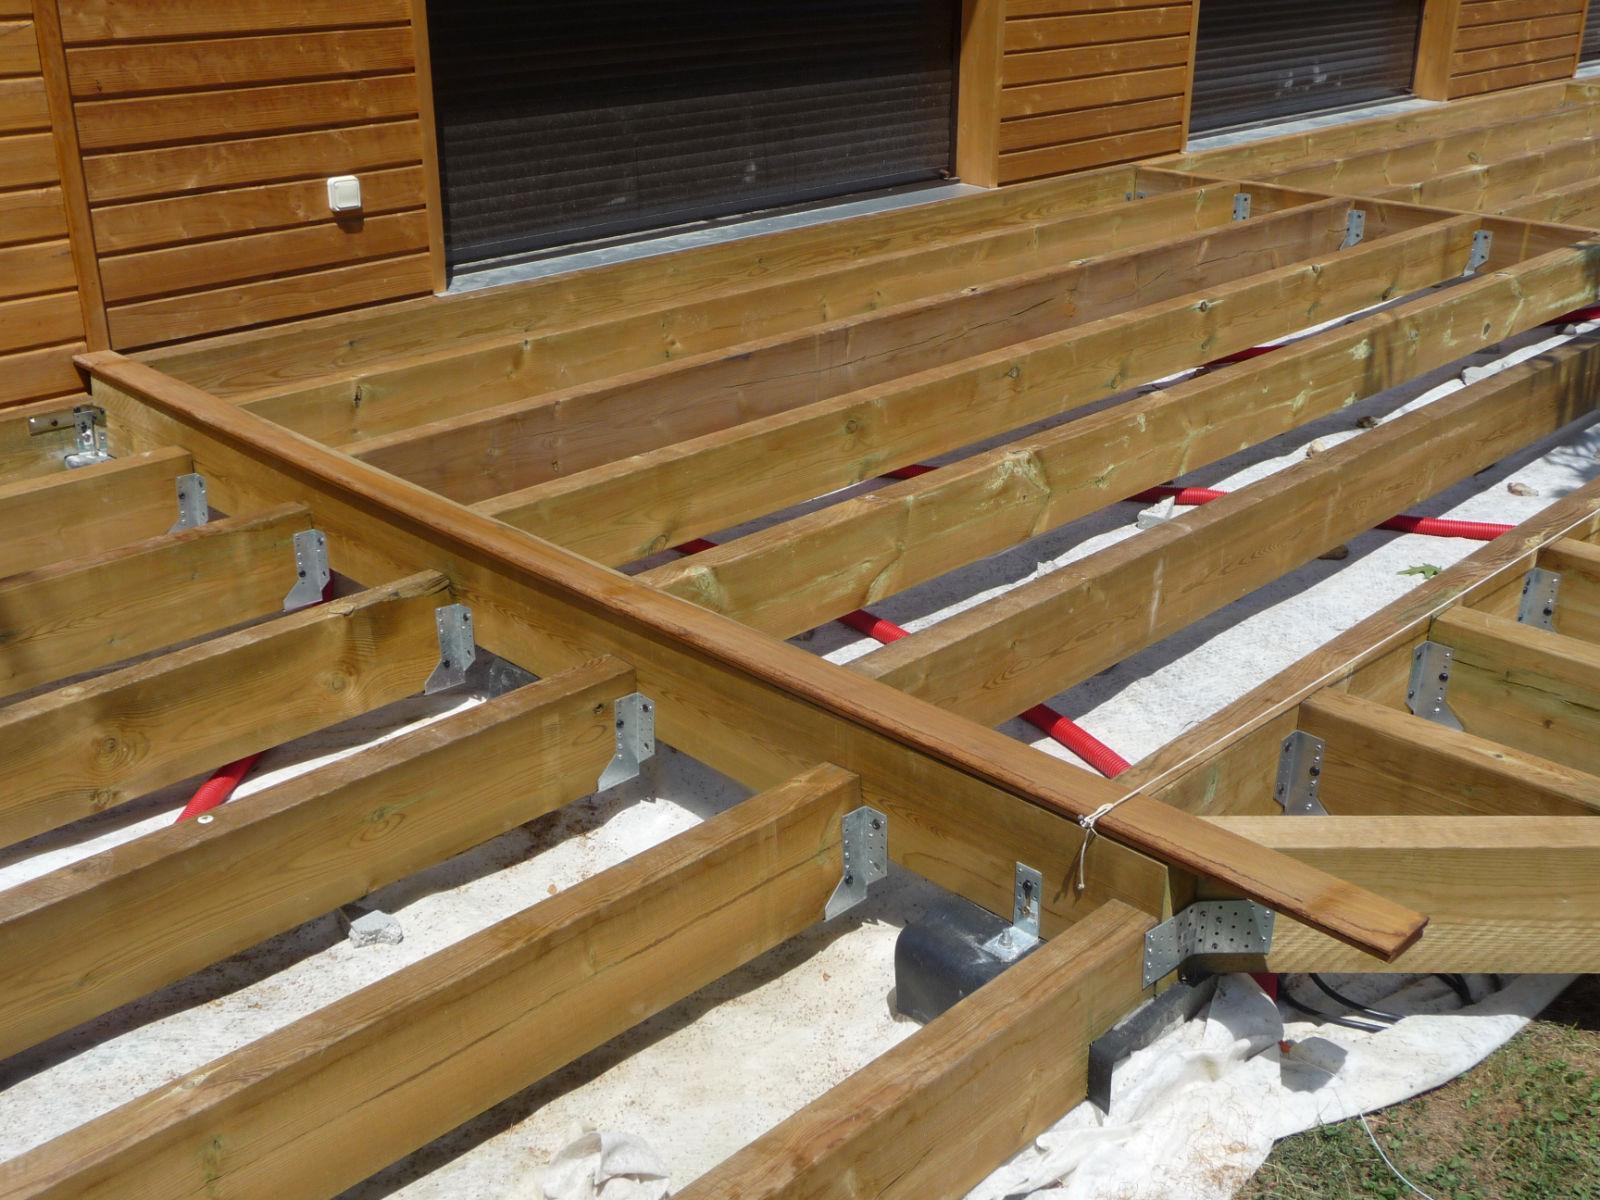 Construction D'Une Terrasse En Bois: Pose Des Lames De Bois pour Construire Auvent De Terrasse En Bois